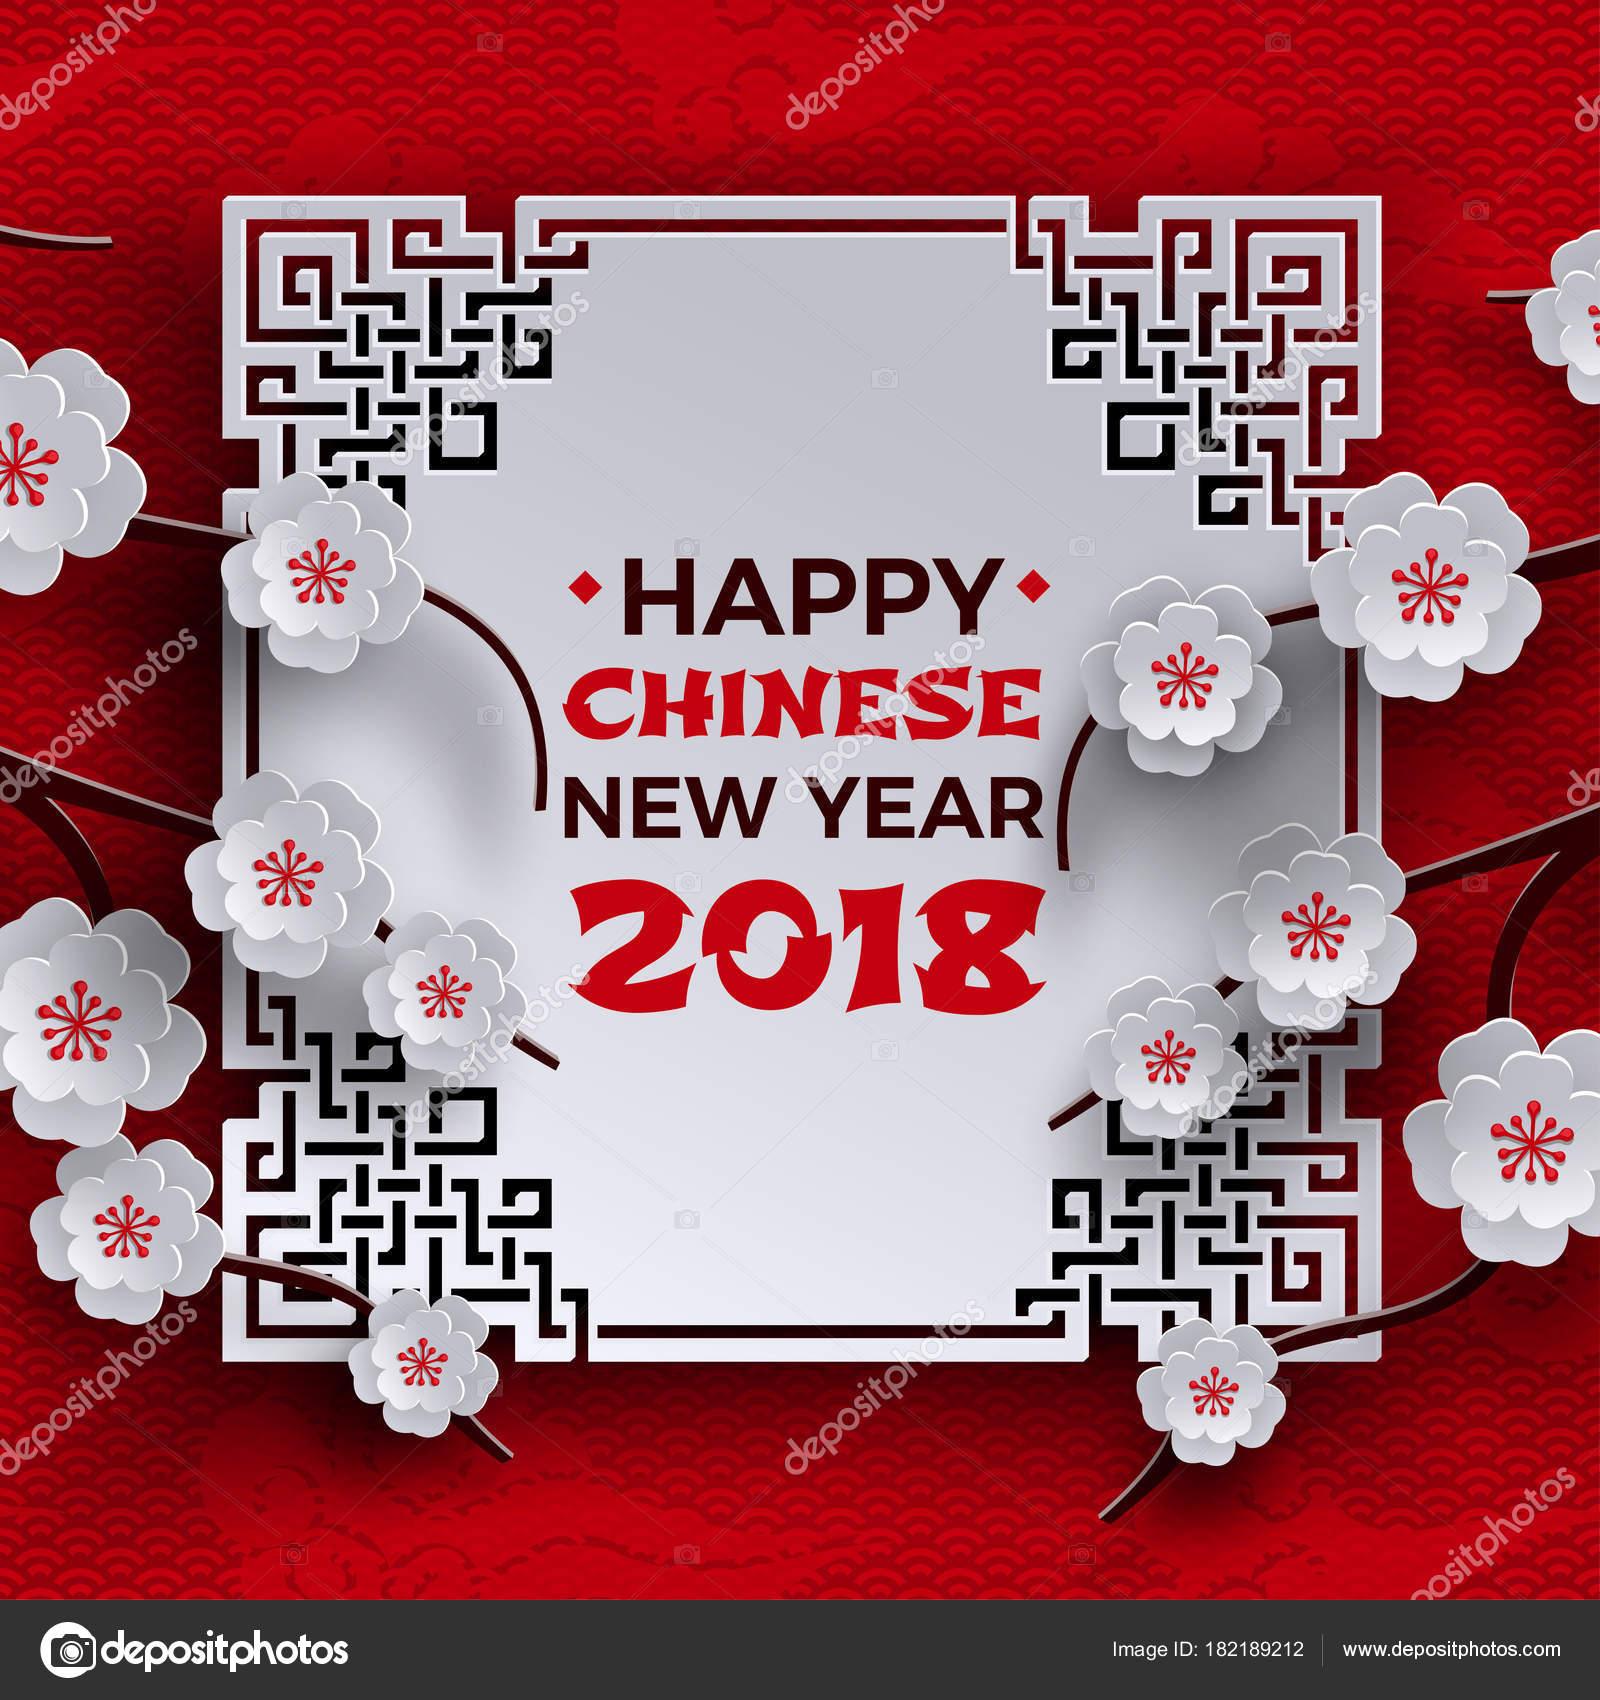 Chinese New Year 2018 Grußkarte Mit Weißen Verzierten Rahmen Sakura ...